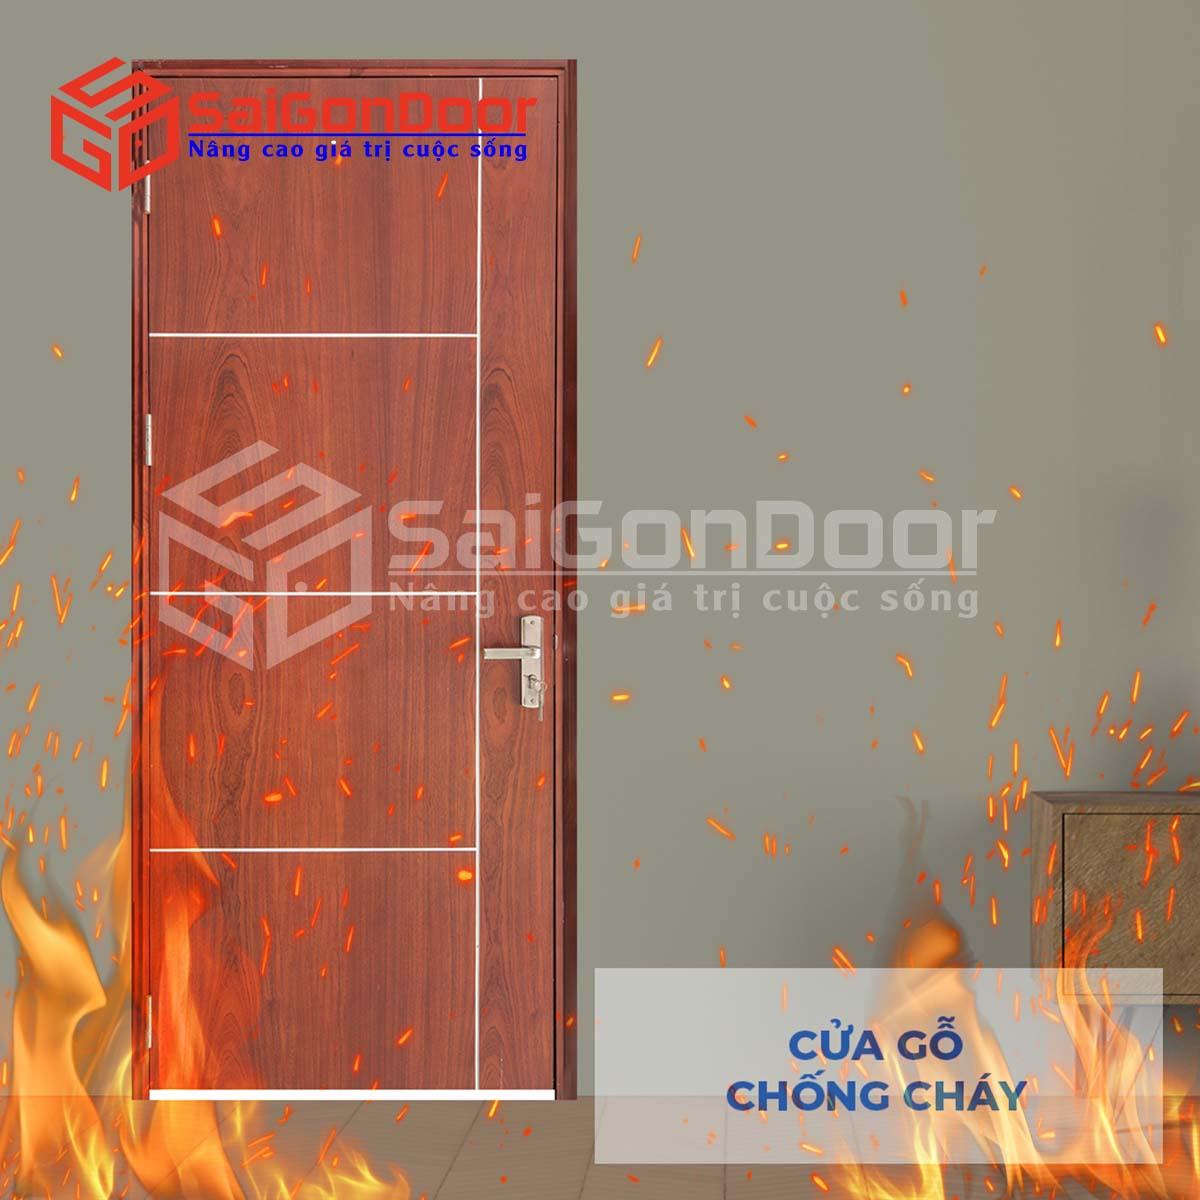 Cửa gỗ công nghiệp MDF kết hợp khả năng chống cháy cho phòng ngủ